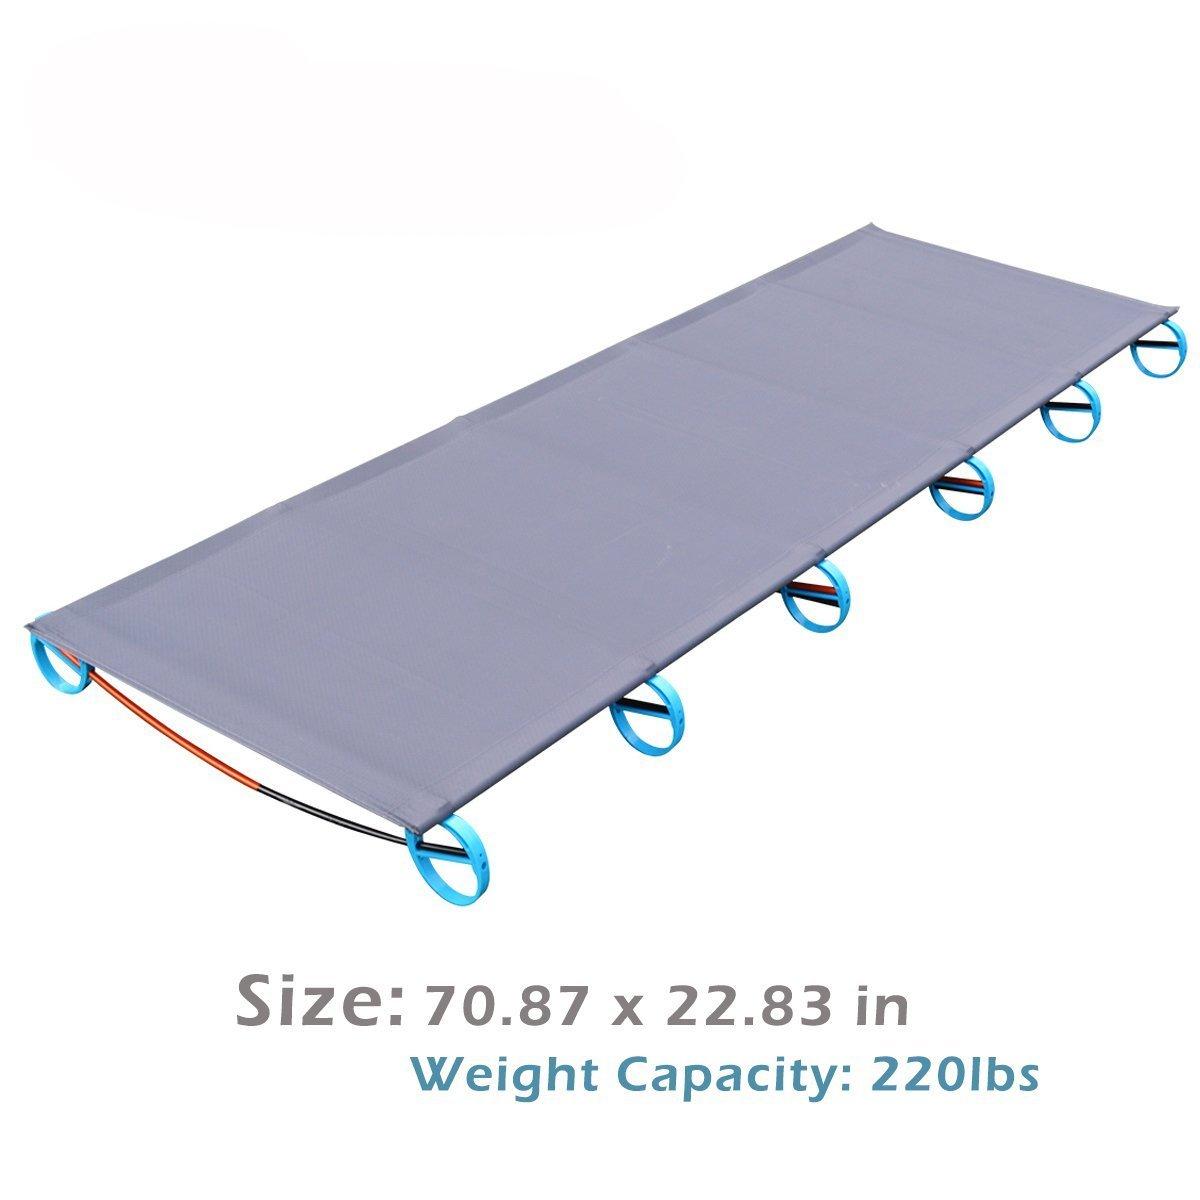 Azarxis 超軽量 折りたたみ式 キャンプベッド 防水ベッド表面 通気性 耐荷重110KG 航空アルミニウムベッドブラケット 携帯便利 B06WWKQTTD グレー グレー